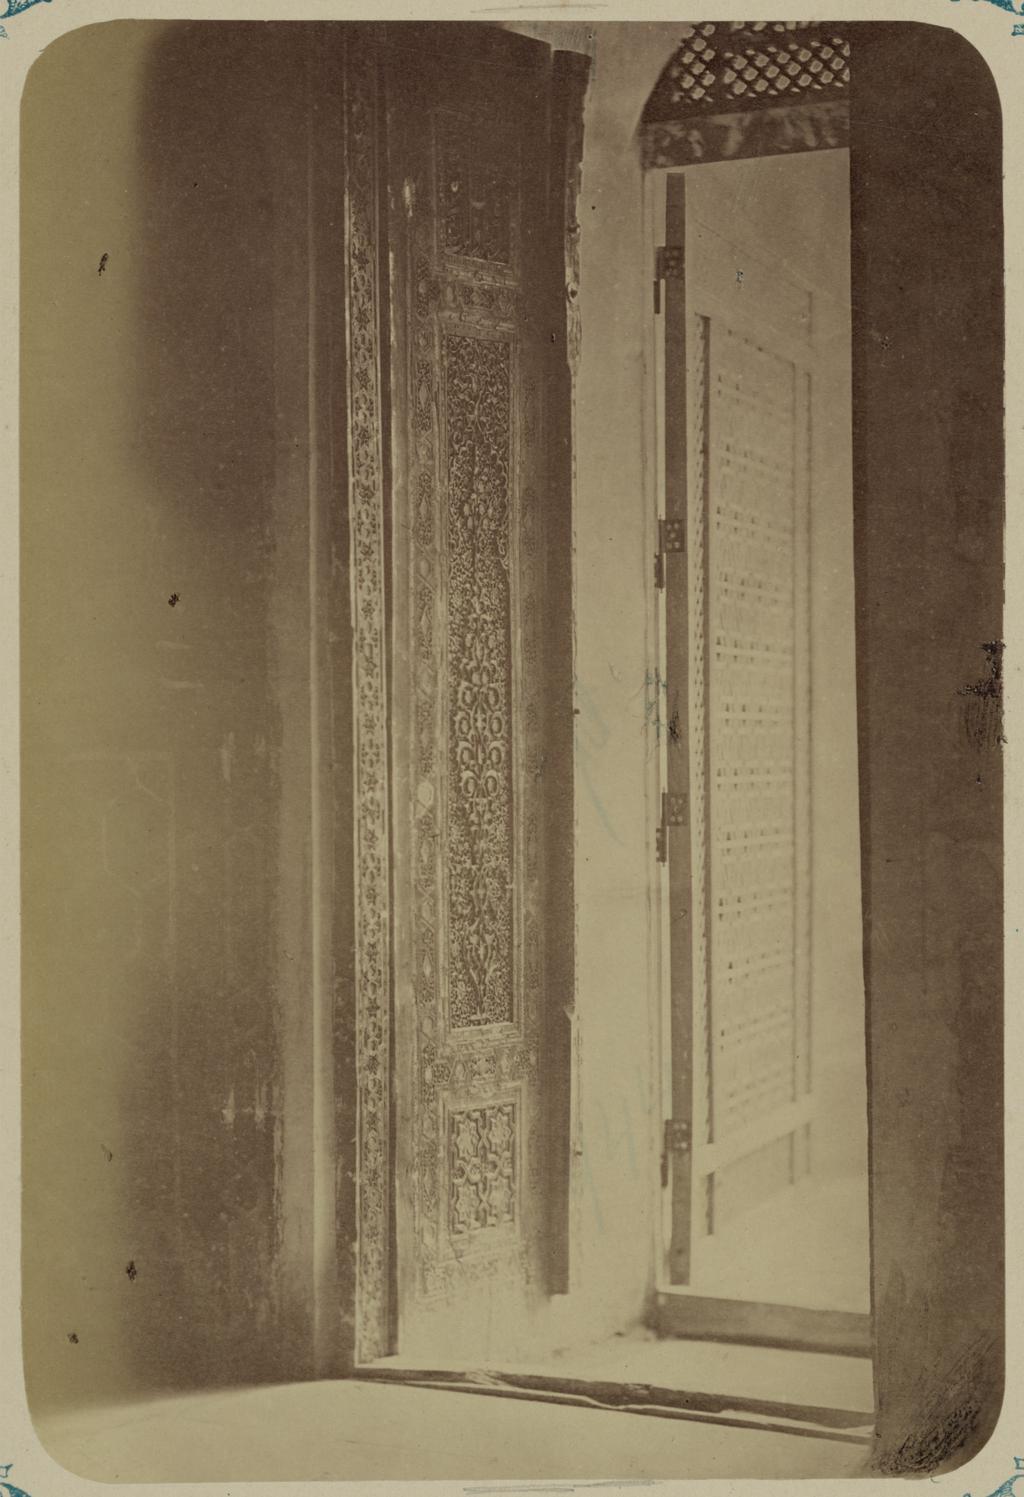 Мавзолей эмира Тимура Курагана (Гур-Эмир). Главная дверь северного фасада